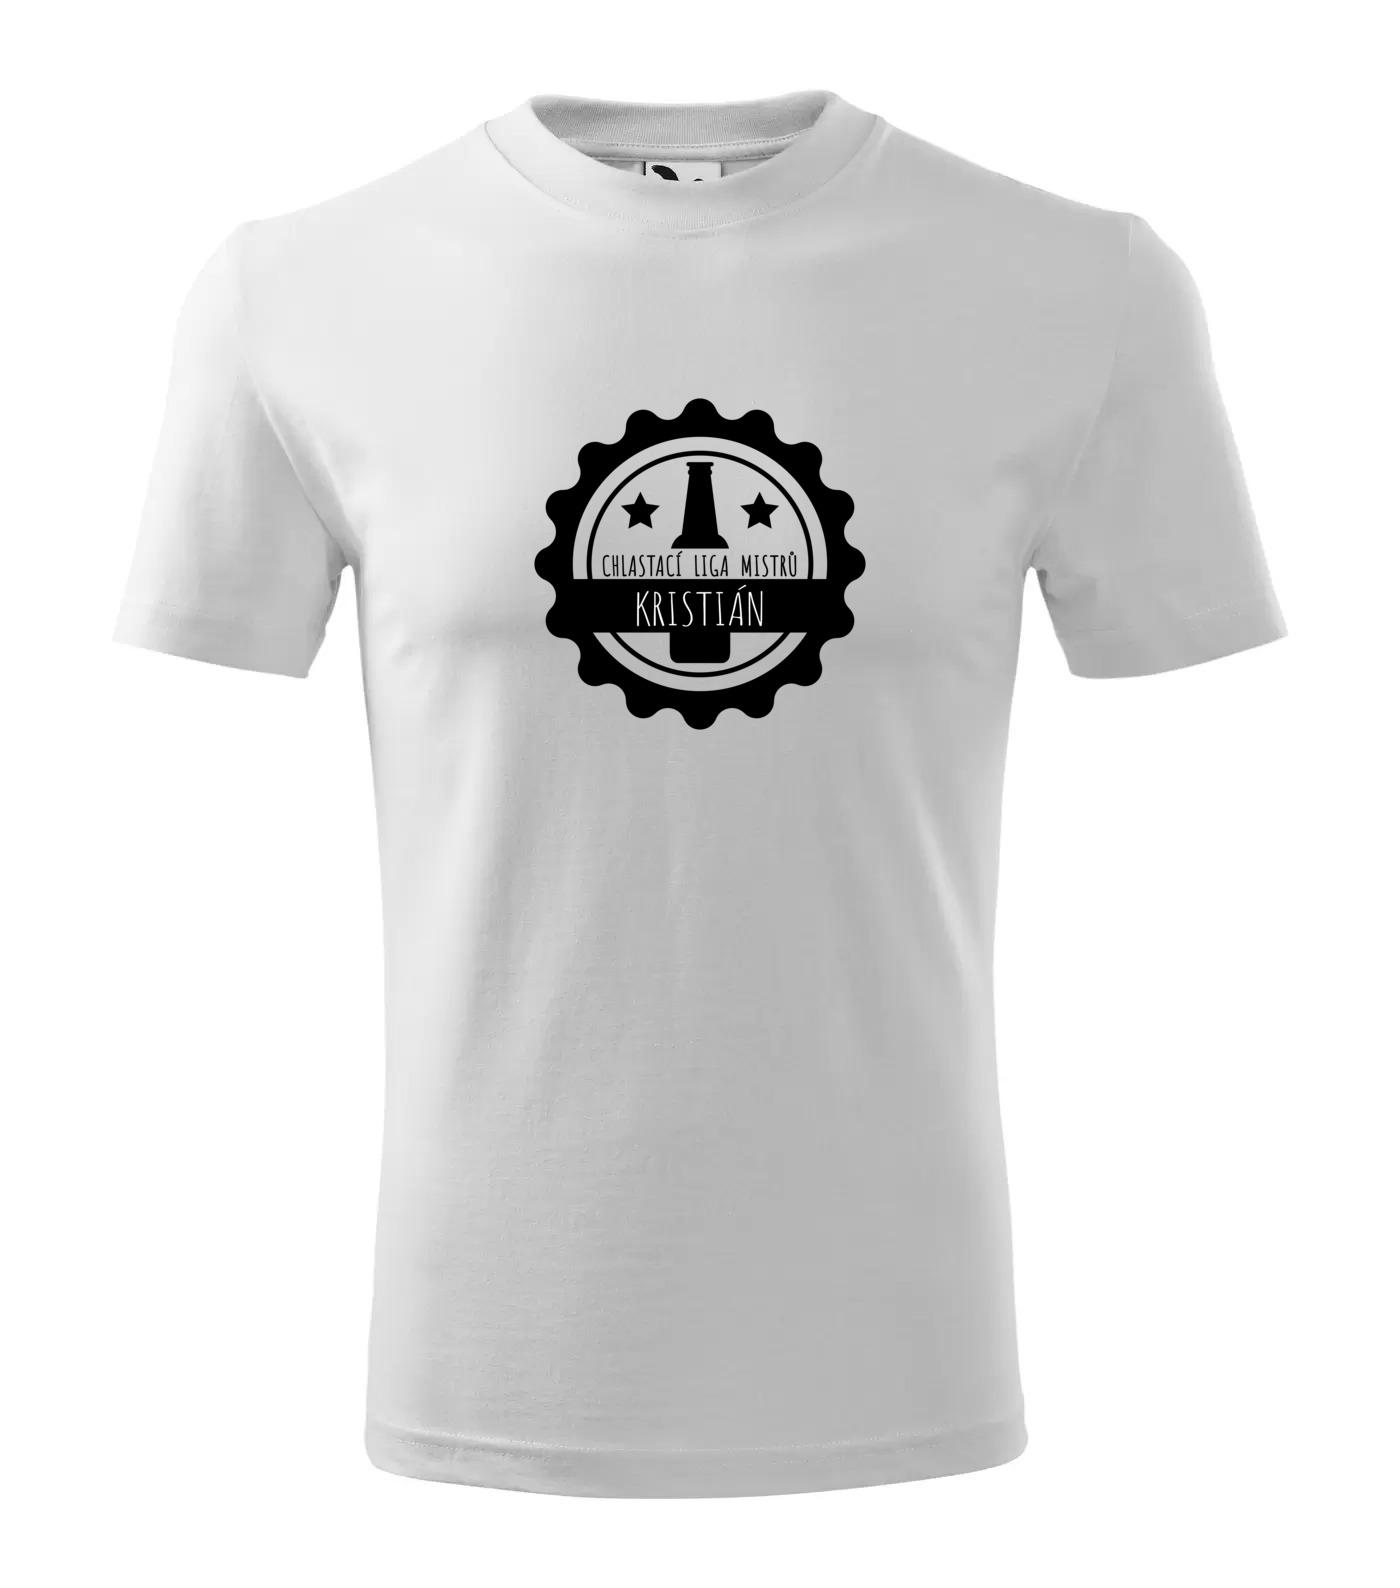 Tričko Chlastací liga mužů Kristián